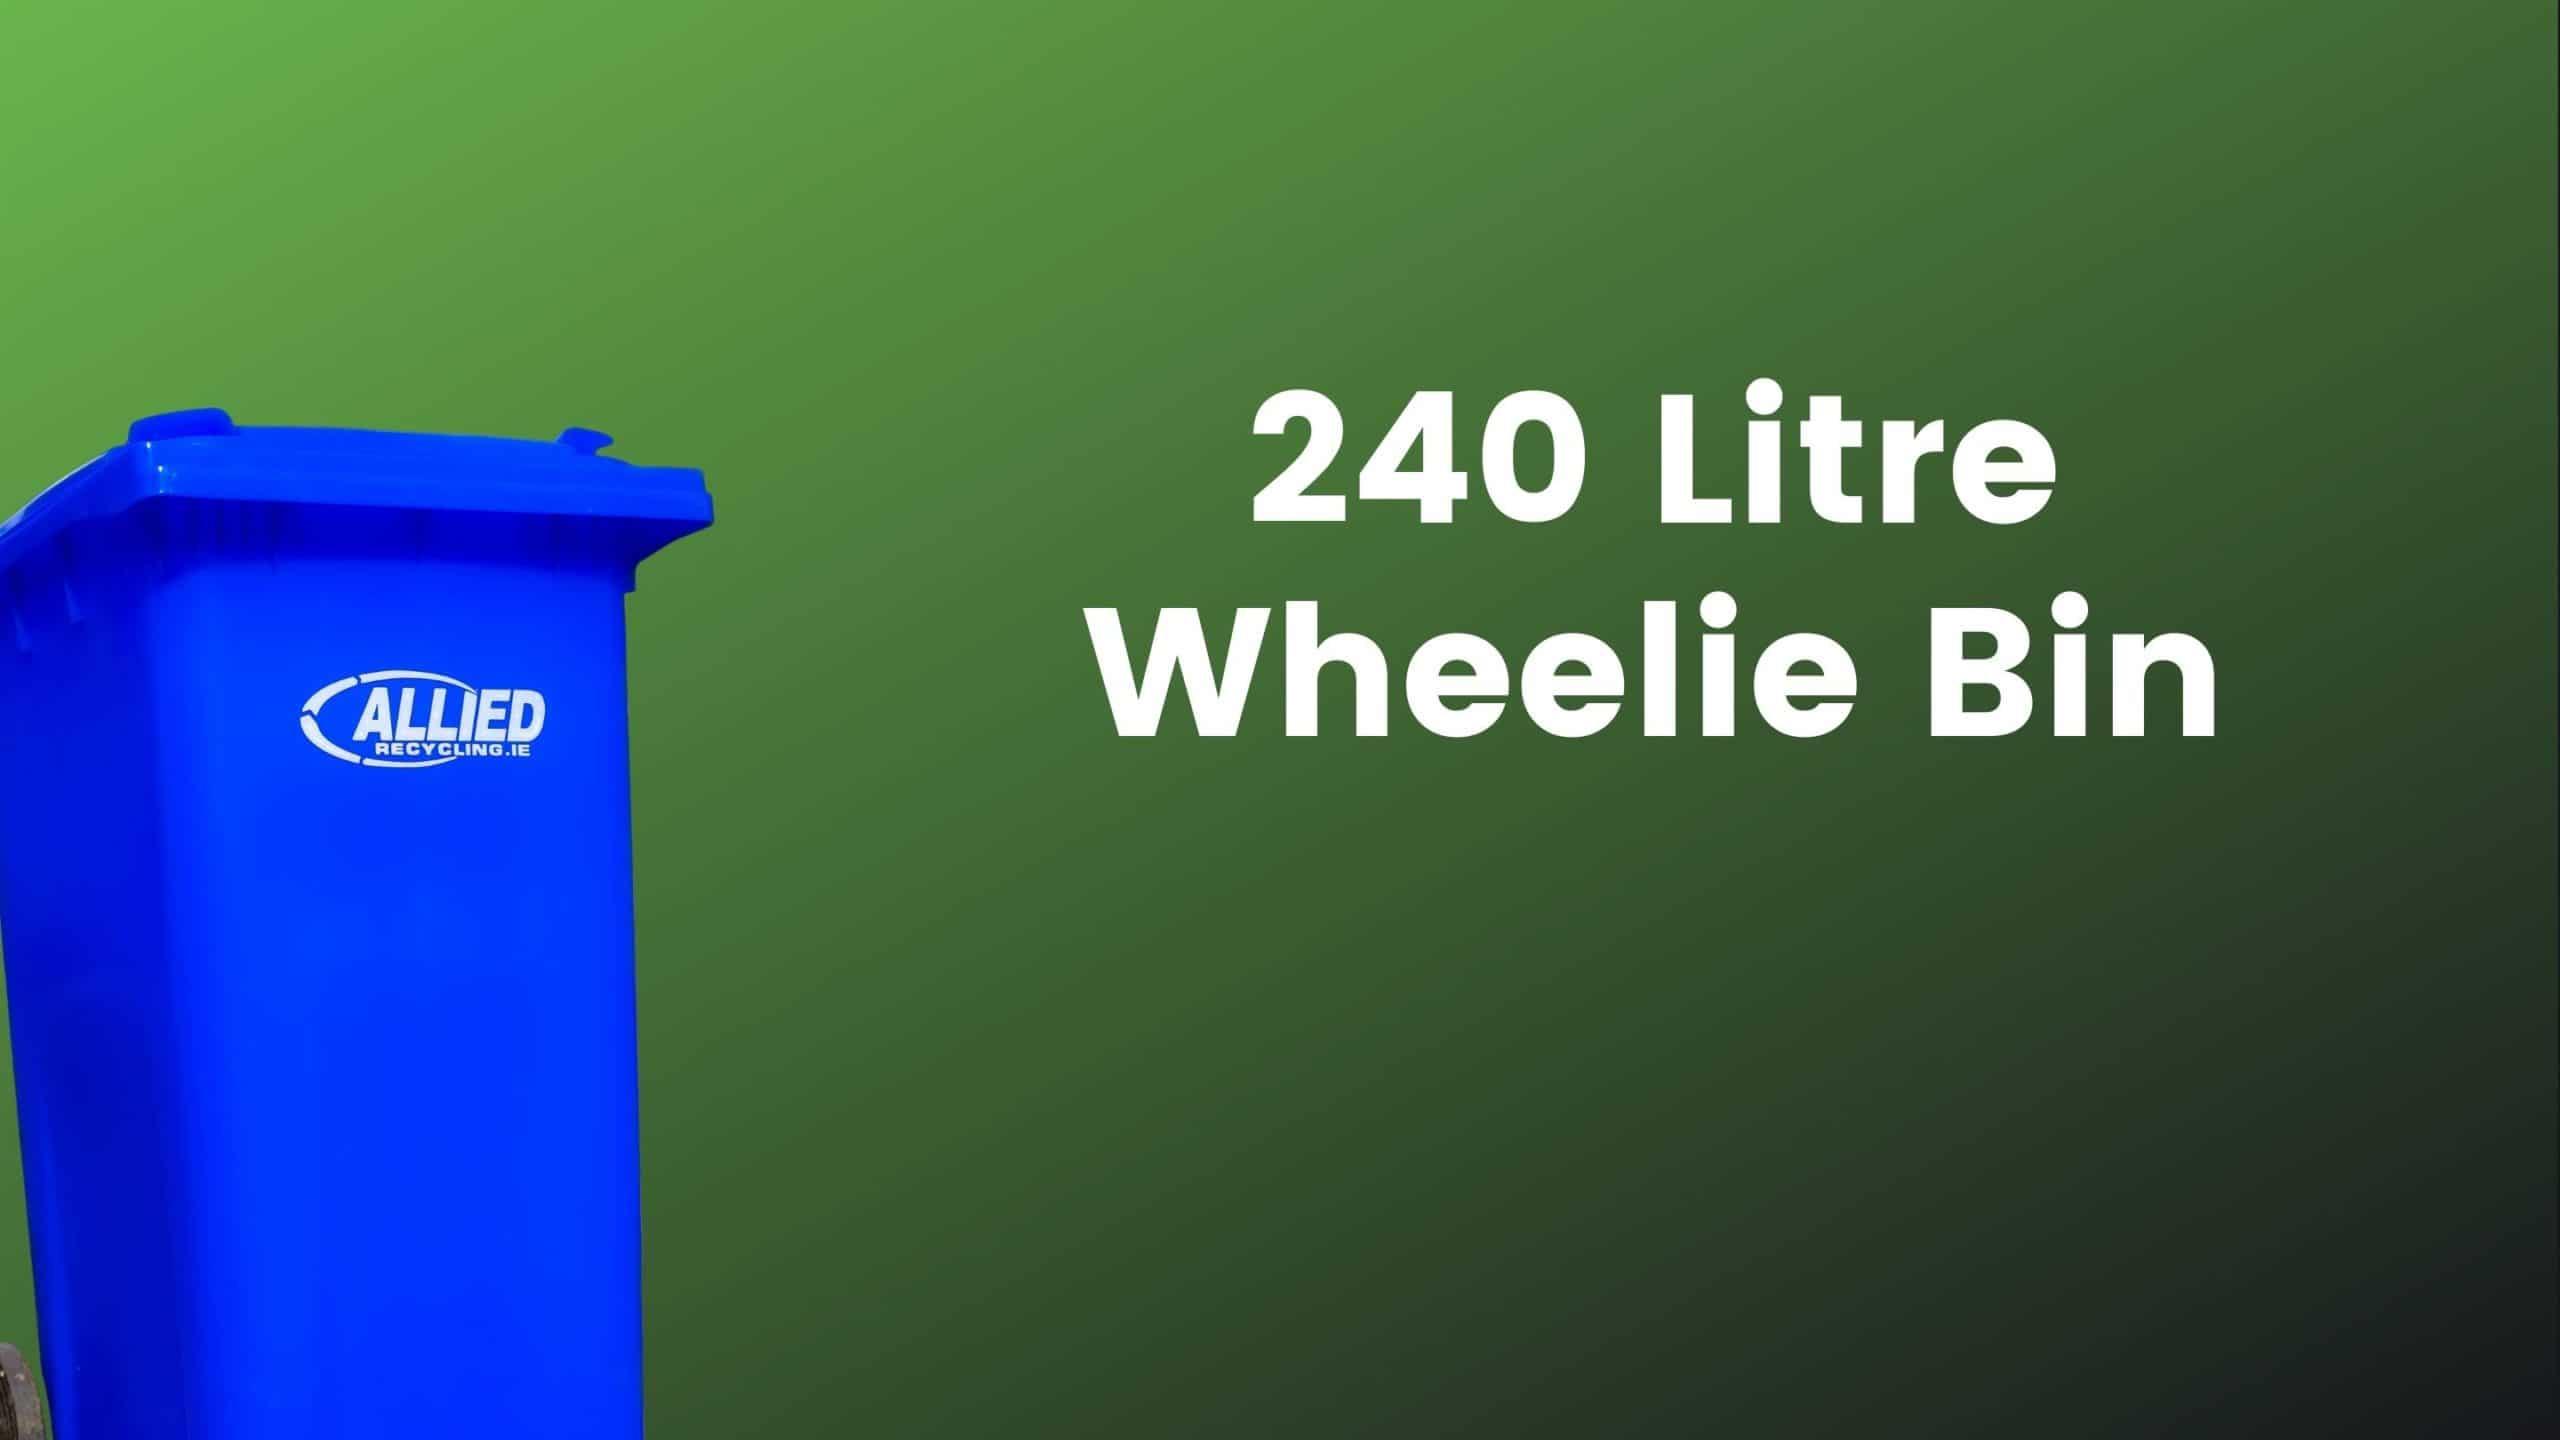 Allied 240 litre wheelie Bin